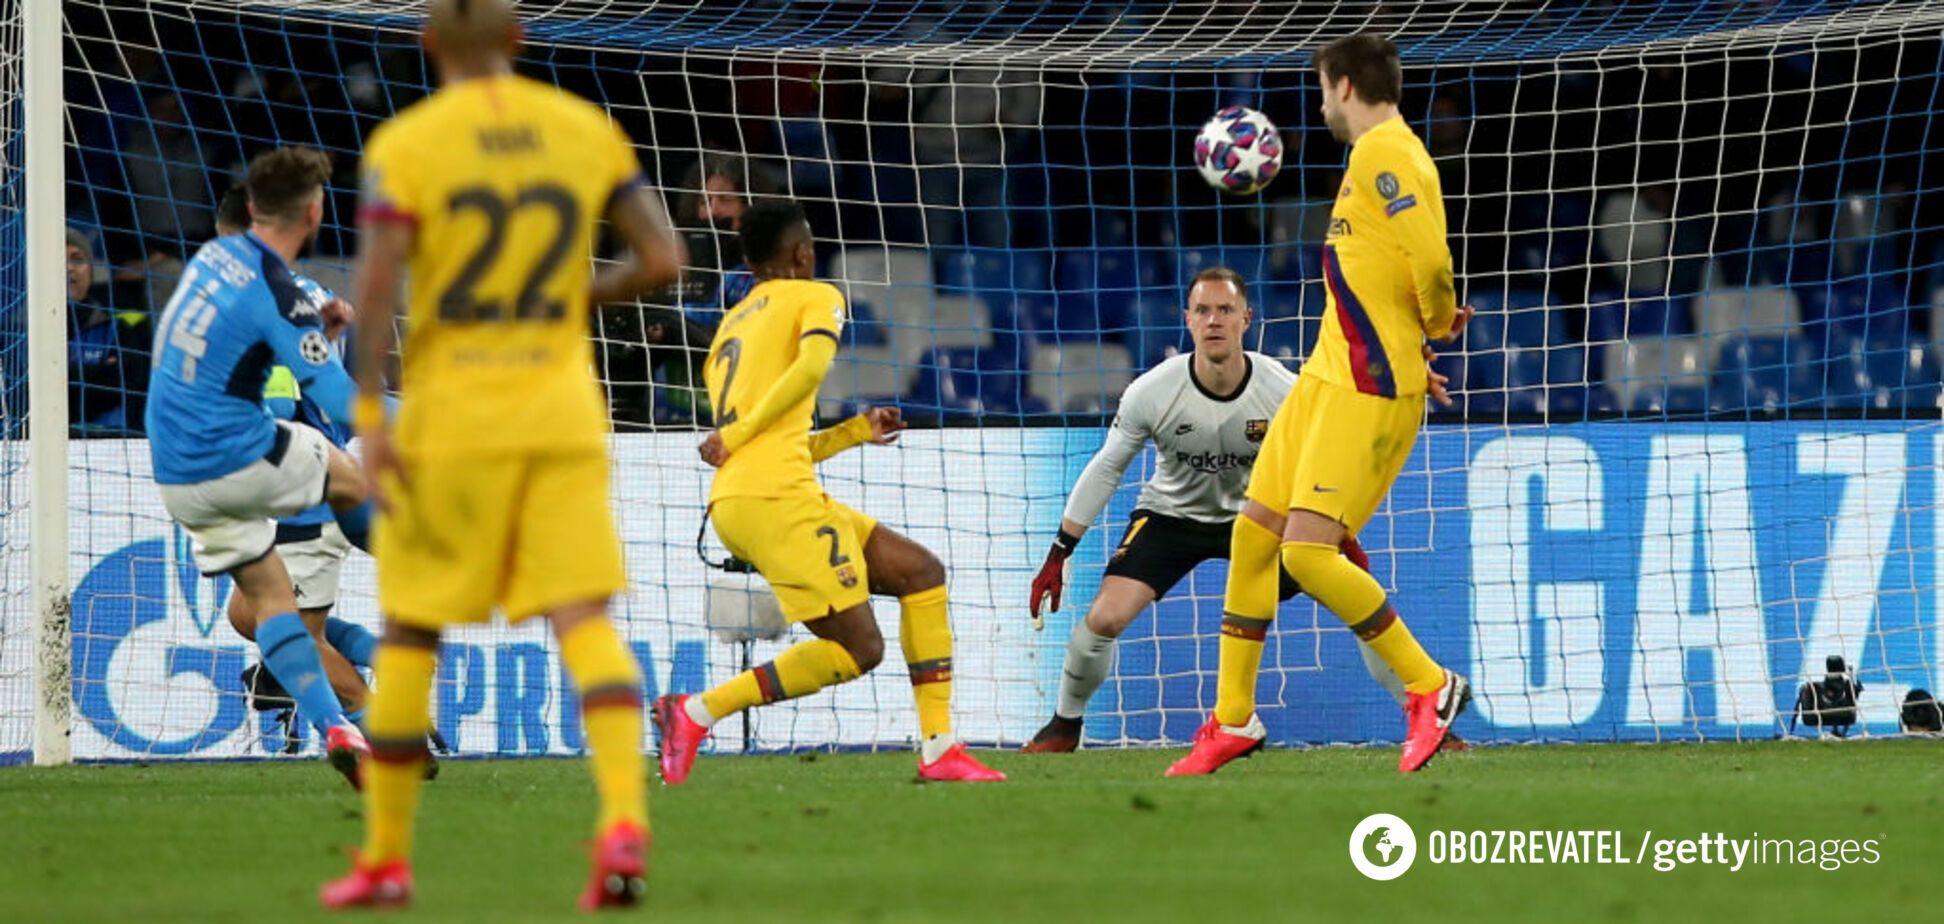 Лига чемпионов: 'Барселона' сыграла вничью с 'Наполи', а 'Бавария' обыграла 'Челси'